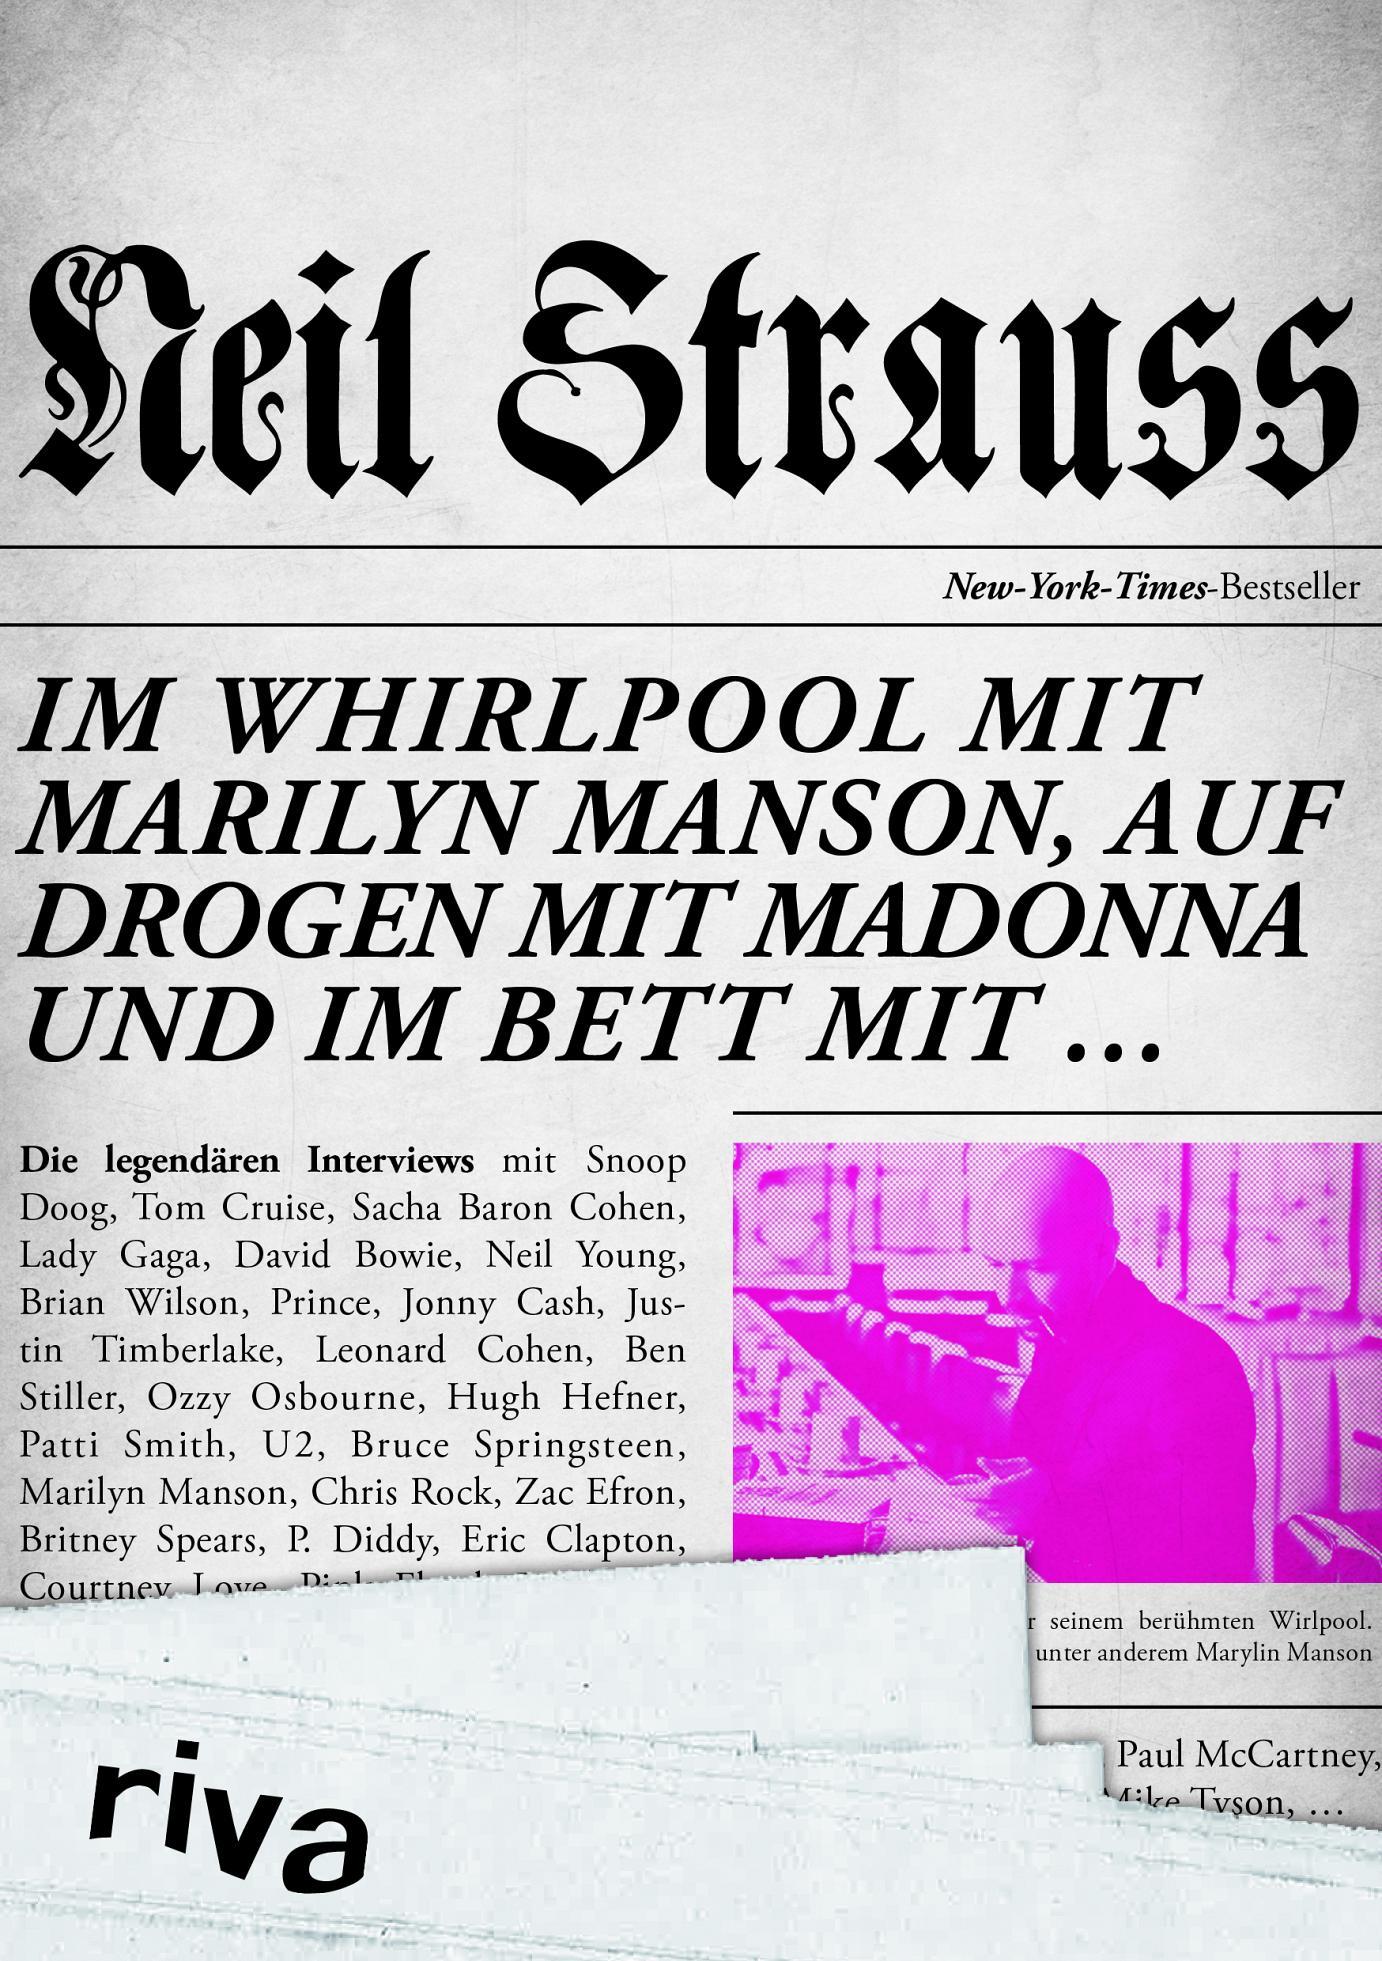 Neil Strauss war im Whirlpool mit Marilyn Manson, auf Drogen mit Madonna und im Bett mit …: Die legendären Interviews im Sammelband